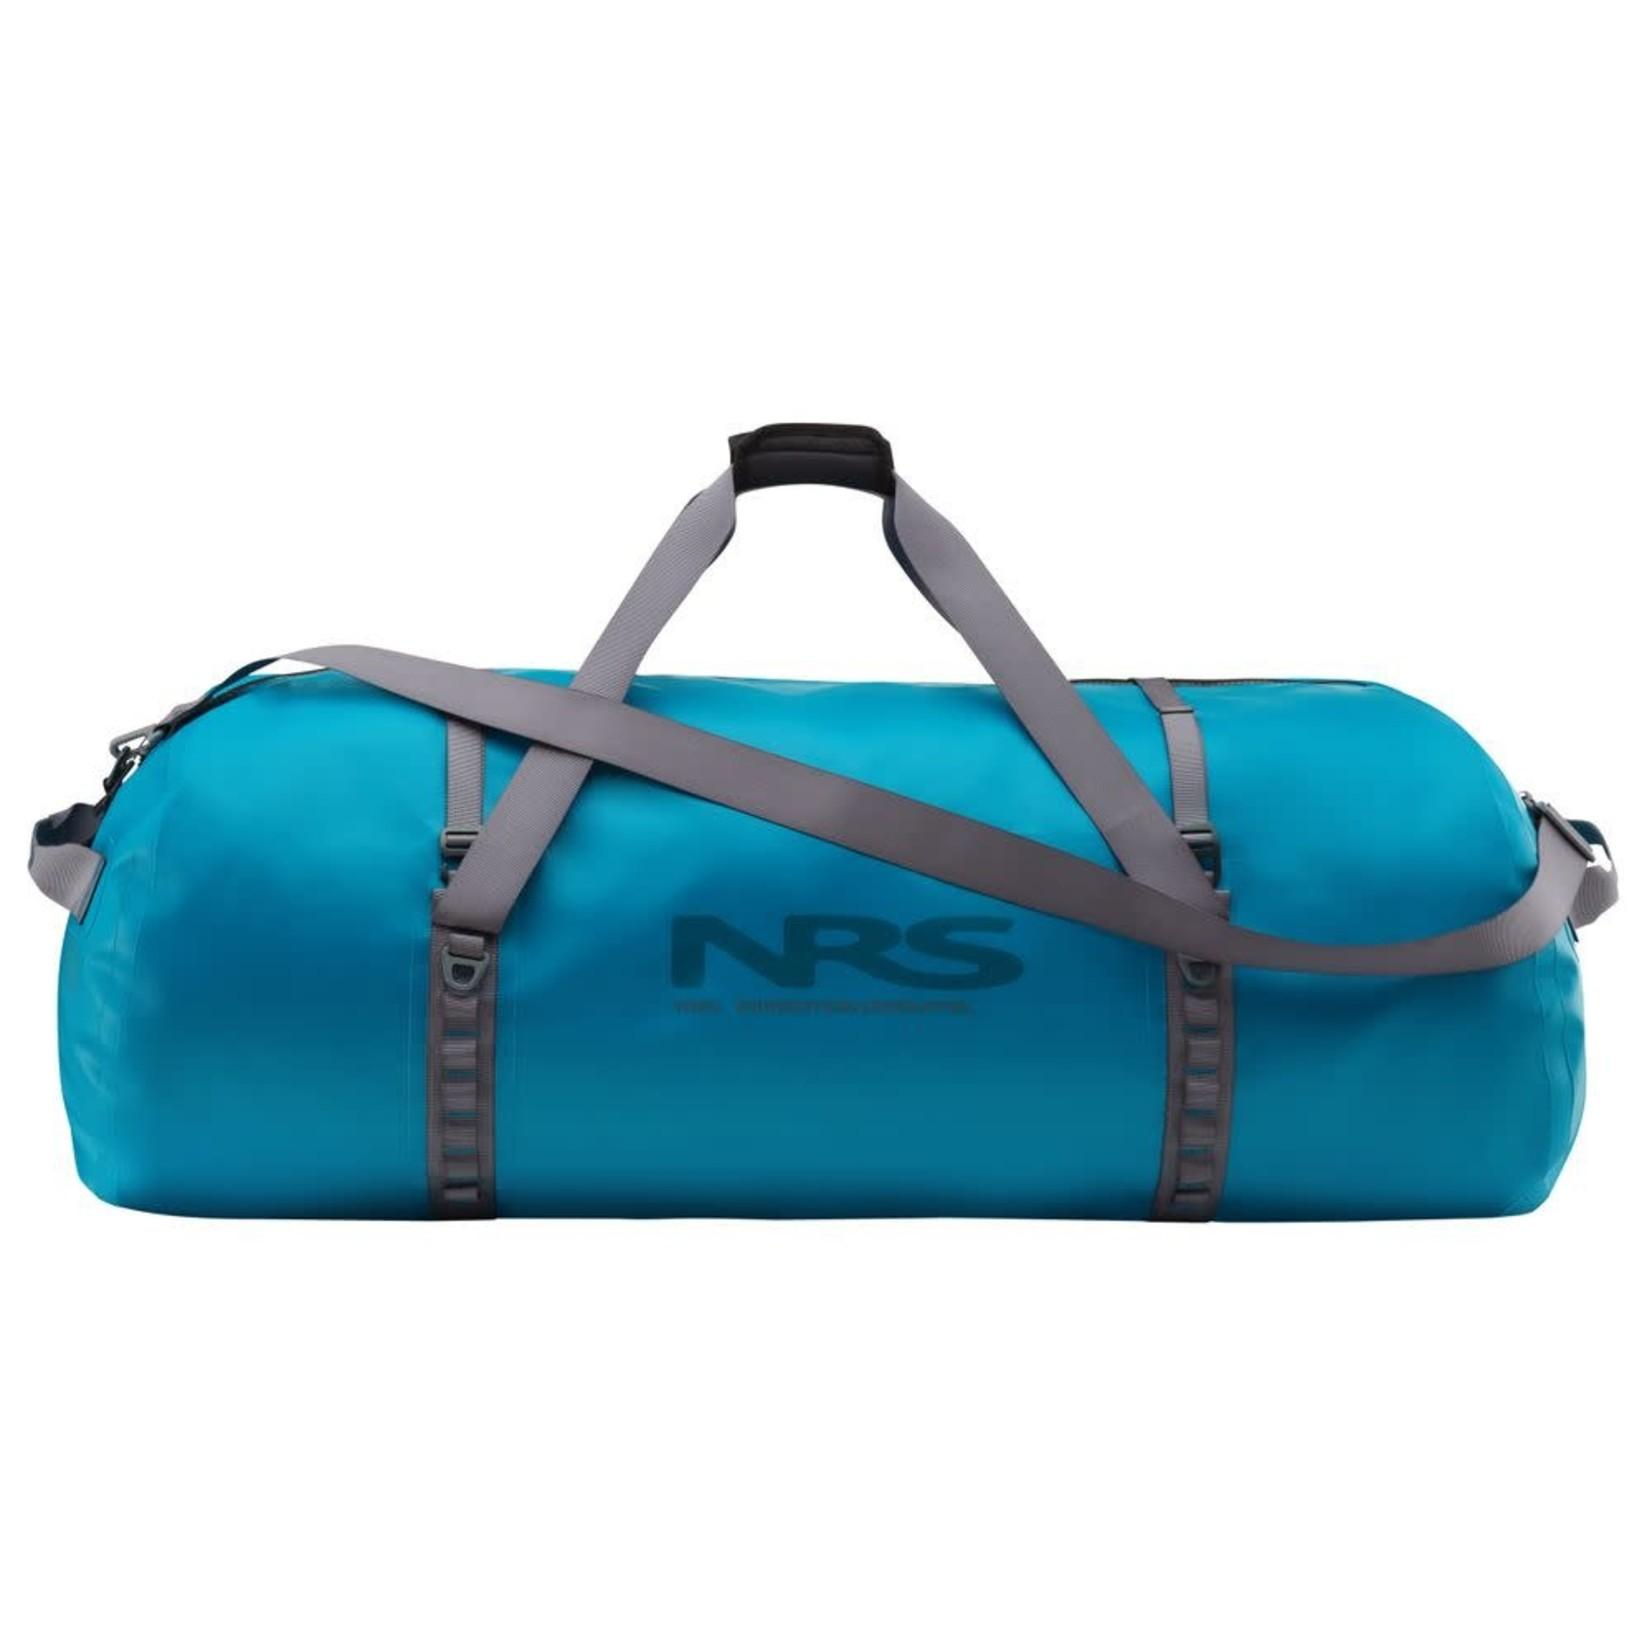 NRS NRS Expedition DriDuffel Dry Bag